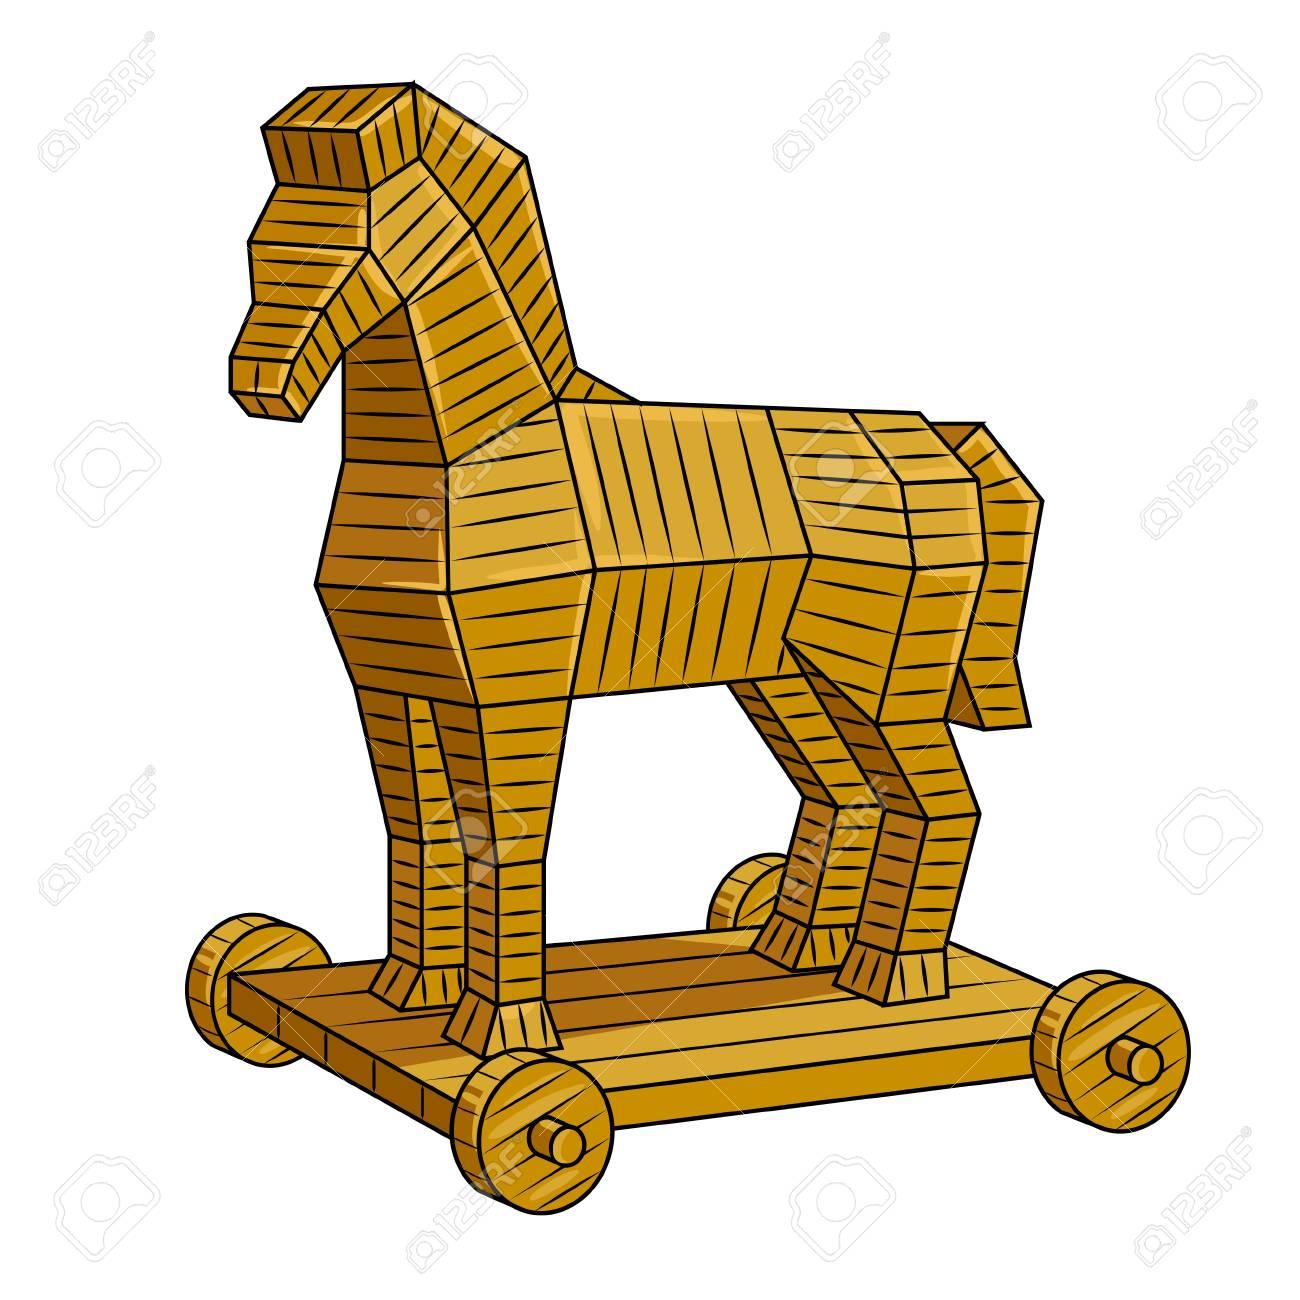 Trojan horse pop art vector illustration.